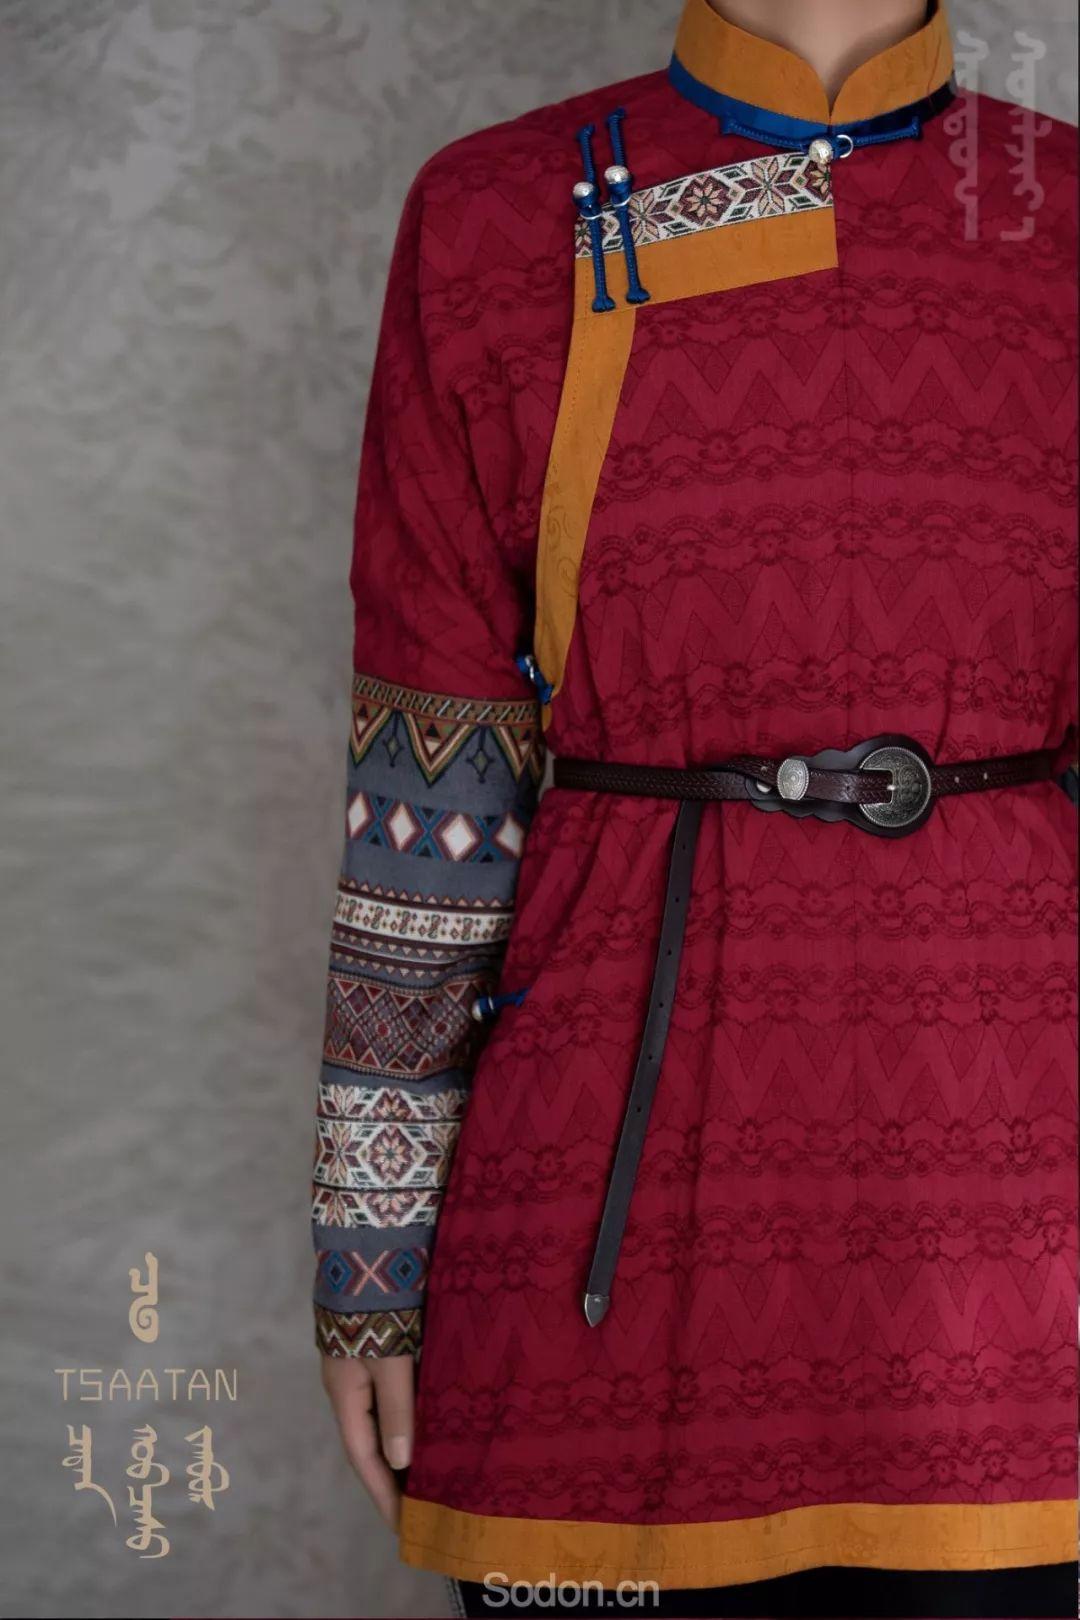 TSAATAN蒙古时装 2019新款,来自驯鹿人的独特魅力! 第66张 TSAATAN蒙古时装 2019新款,来自驯鹿人的独特魅力! 蒙古服饰